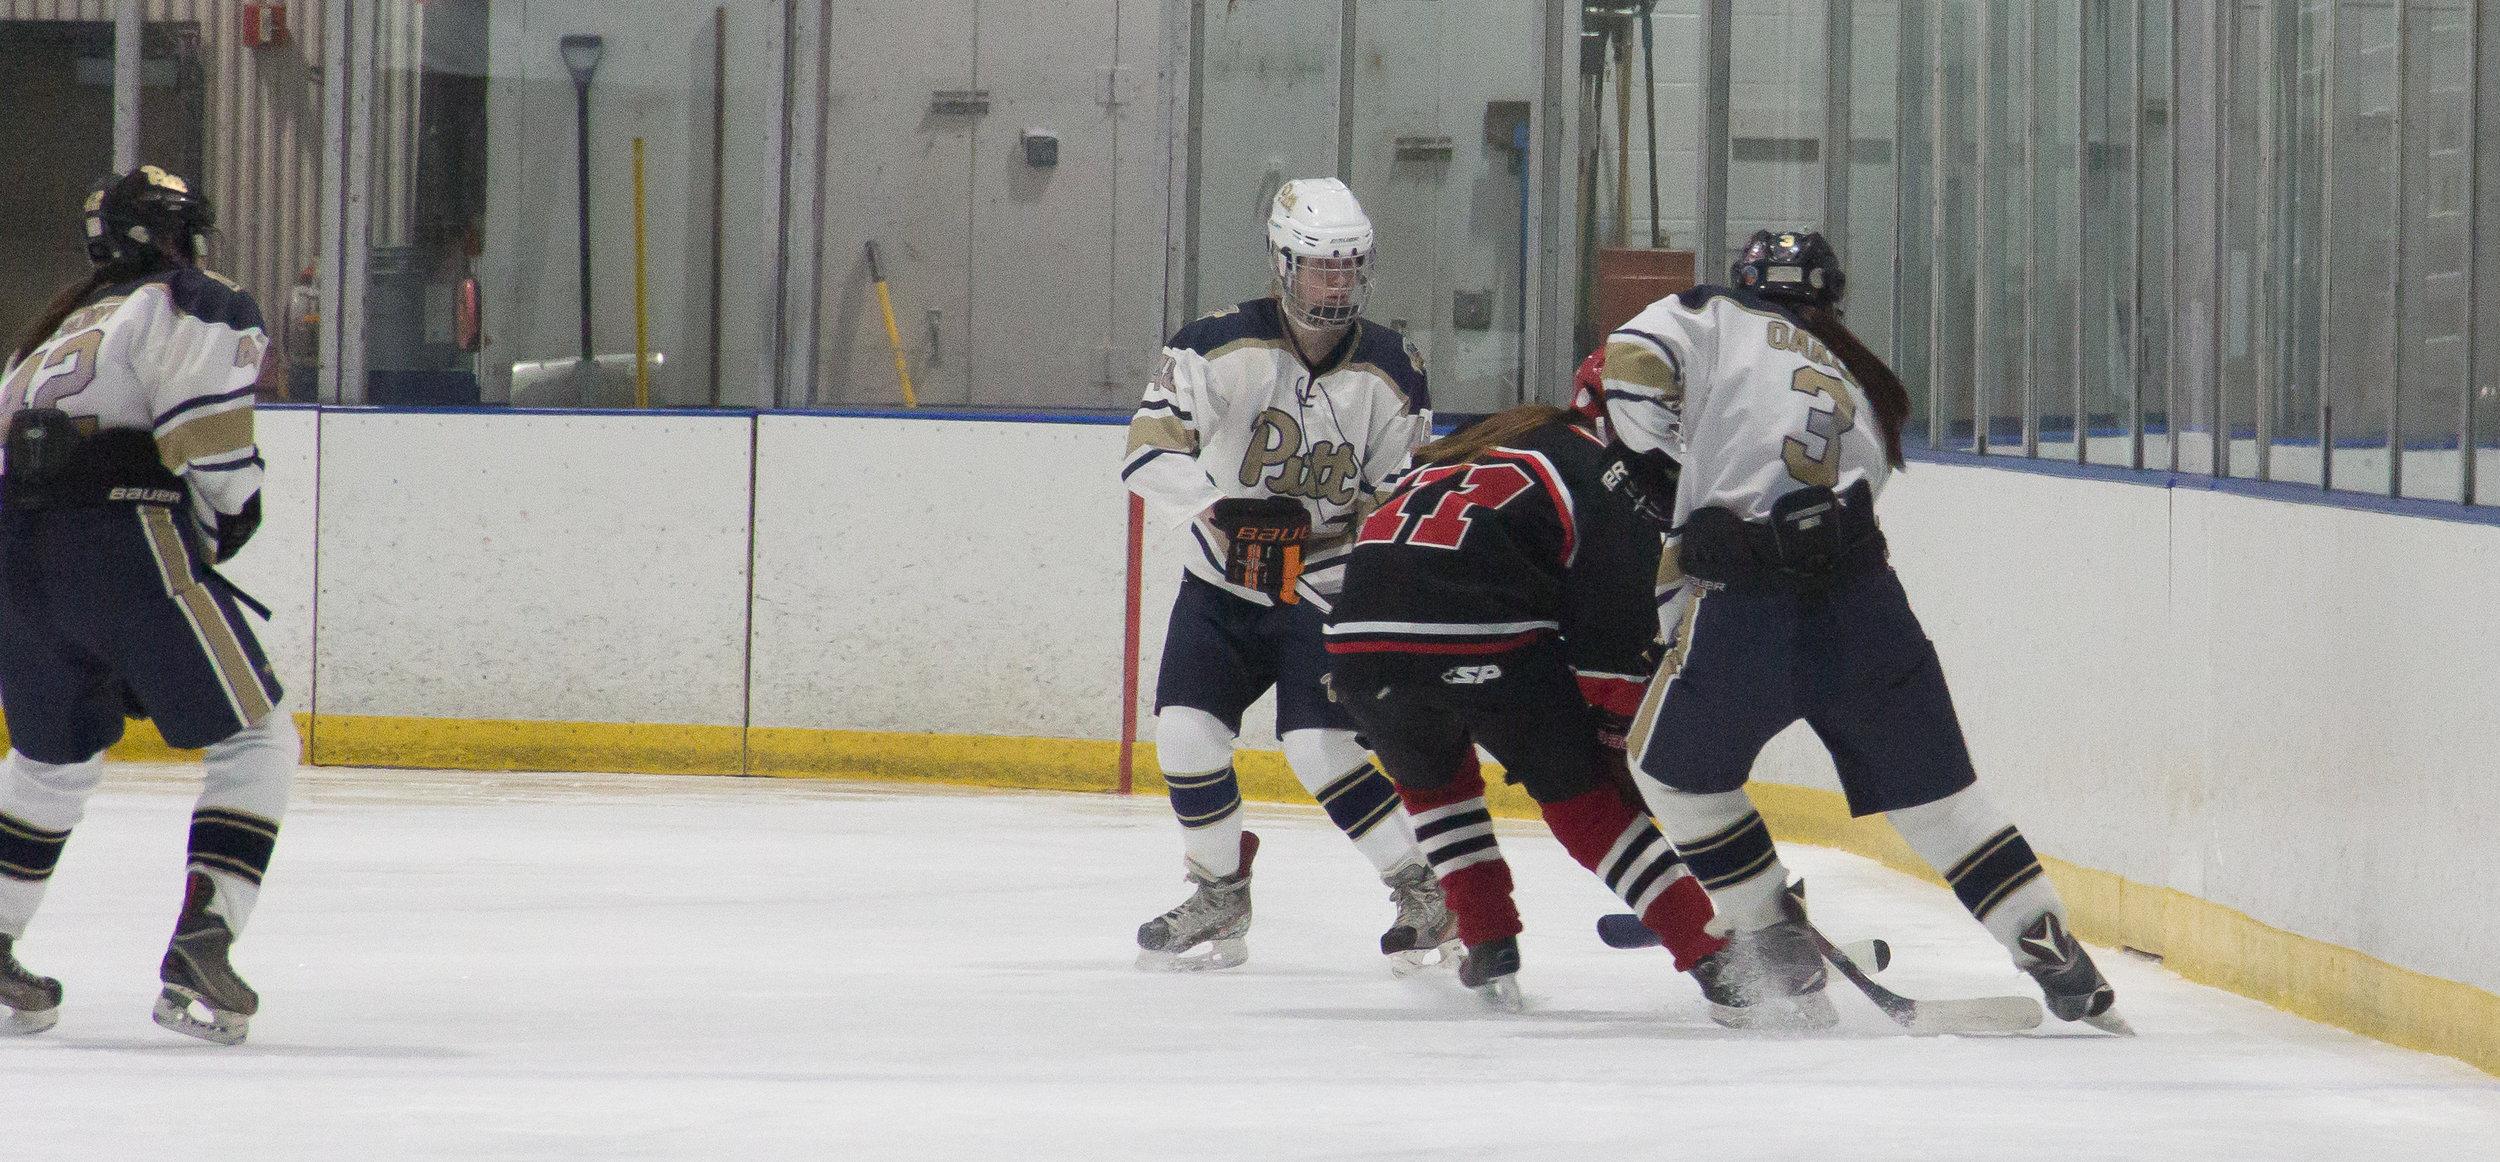 PittHockey-29.jpg